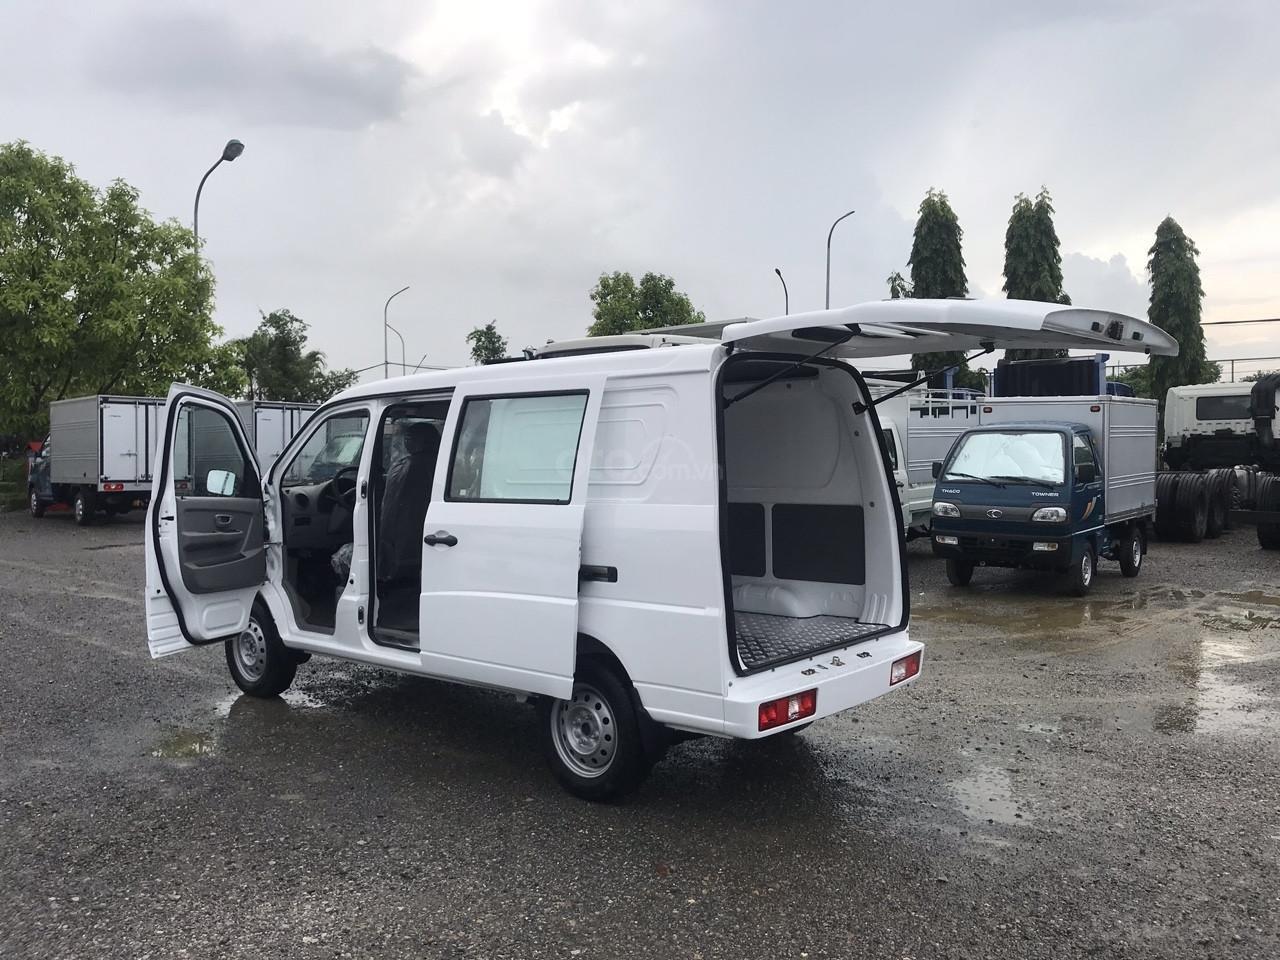 Bán xe tải Van chạy phố không cần giấy phép (3)